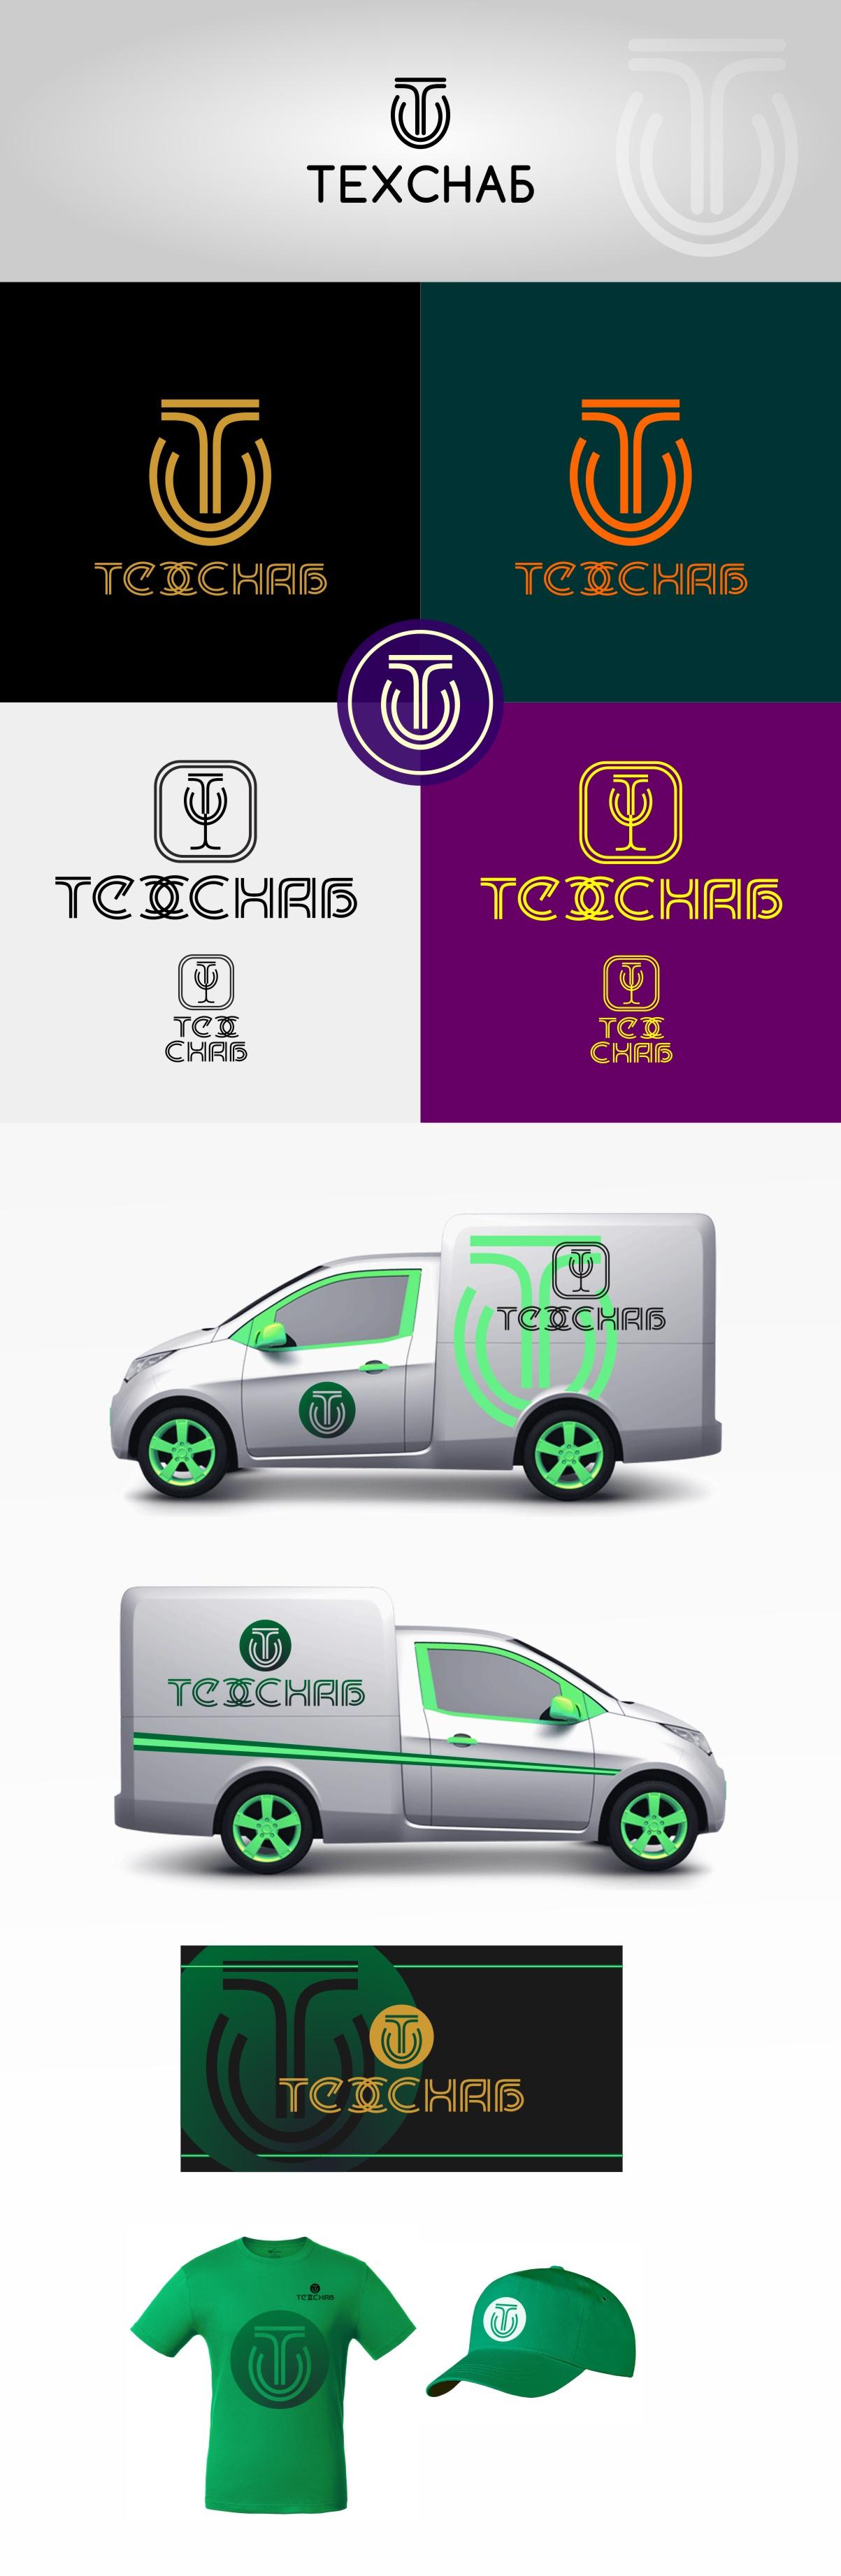 Разработка логотипа и фирм. стиля компании  ТЕХСНАБ фото f_1945b1cc5459d806.jpg